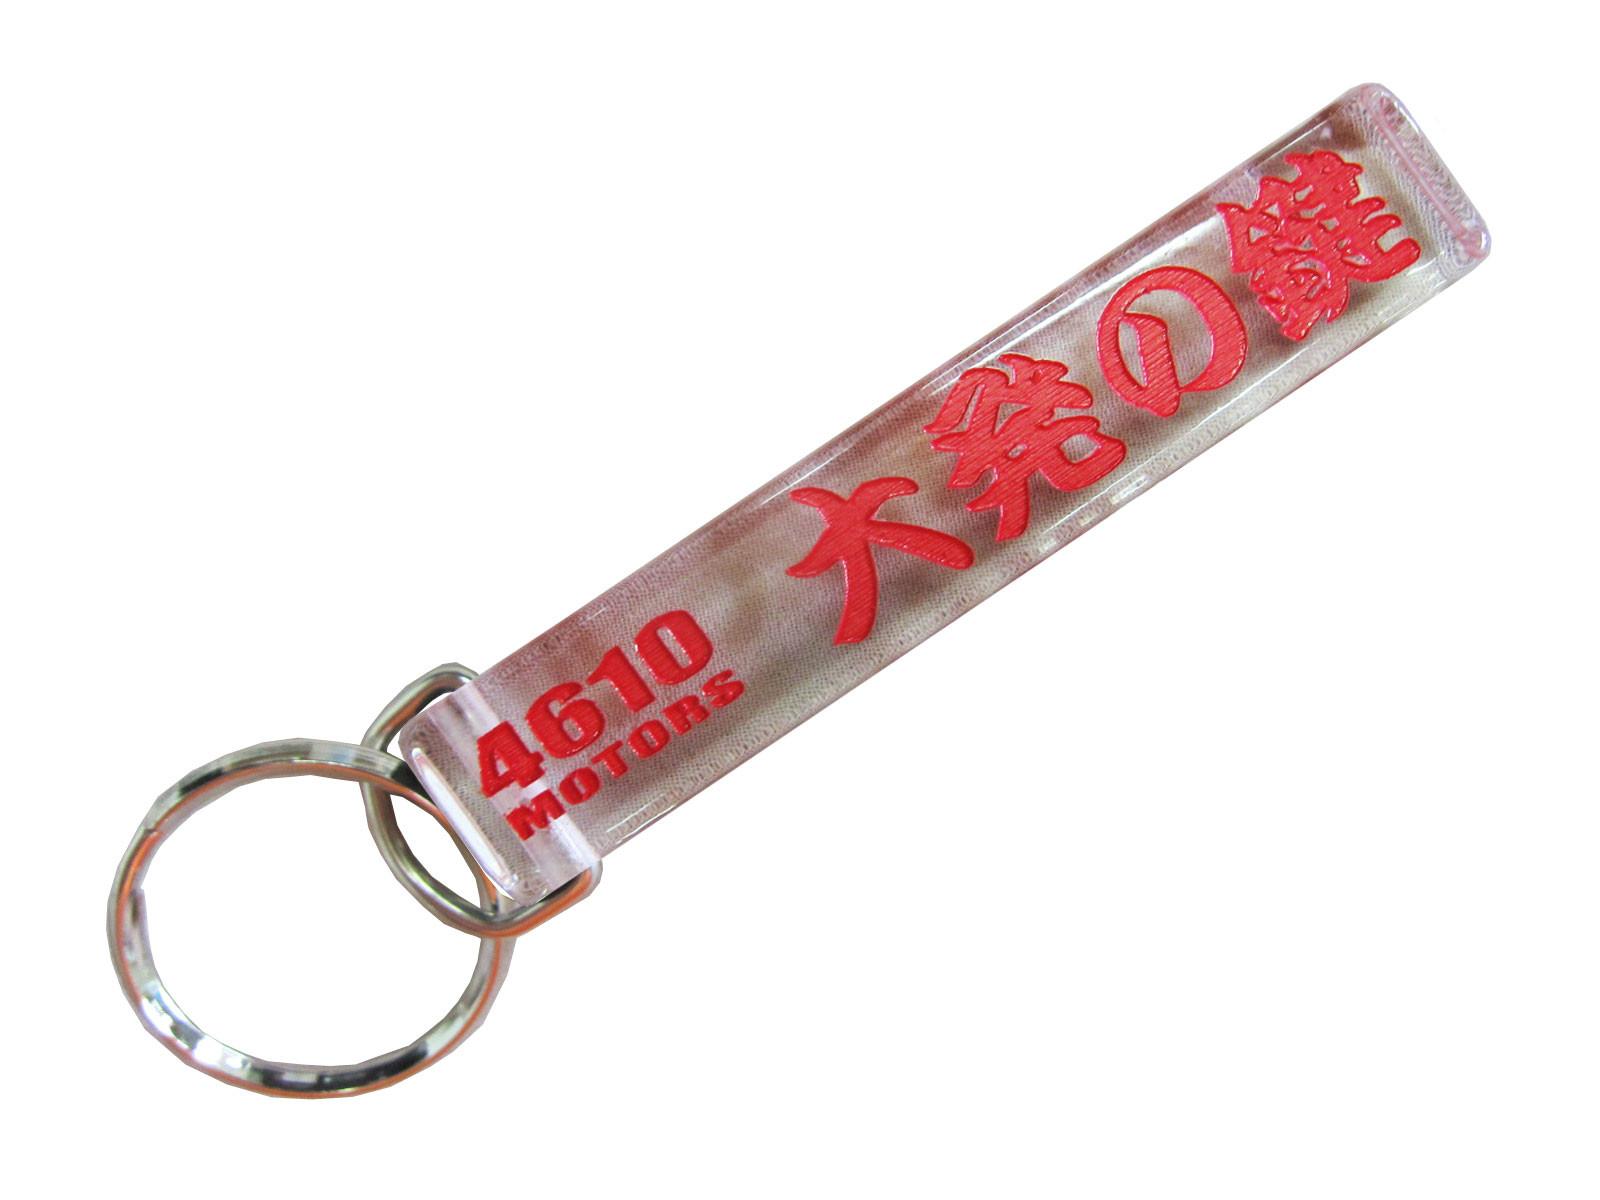 ちょっと懐かしいスタイルのキーホルダー 大発の鍵 シロウトモータース 4610MOTORS Mini HOTEL K R☆ミニホテルキーリング 25%OFF DIHATSU ダイハツ だいはつ 大発 キーチェーン R C H リング ホルダー キーリング 鍵 キーホルダー 誕生日プレゼント の鍵 キー